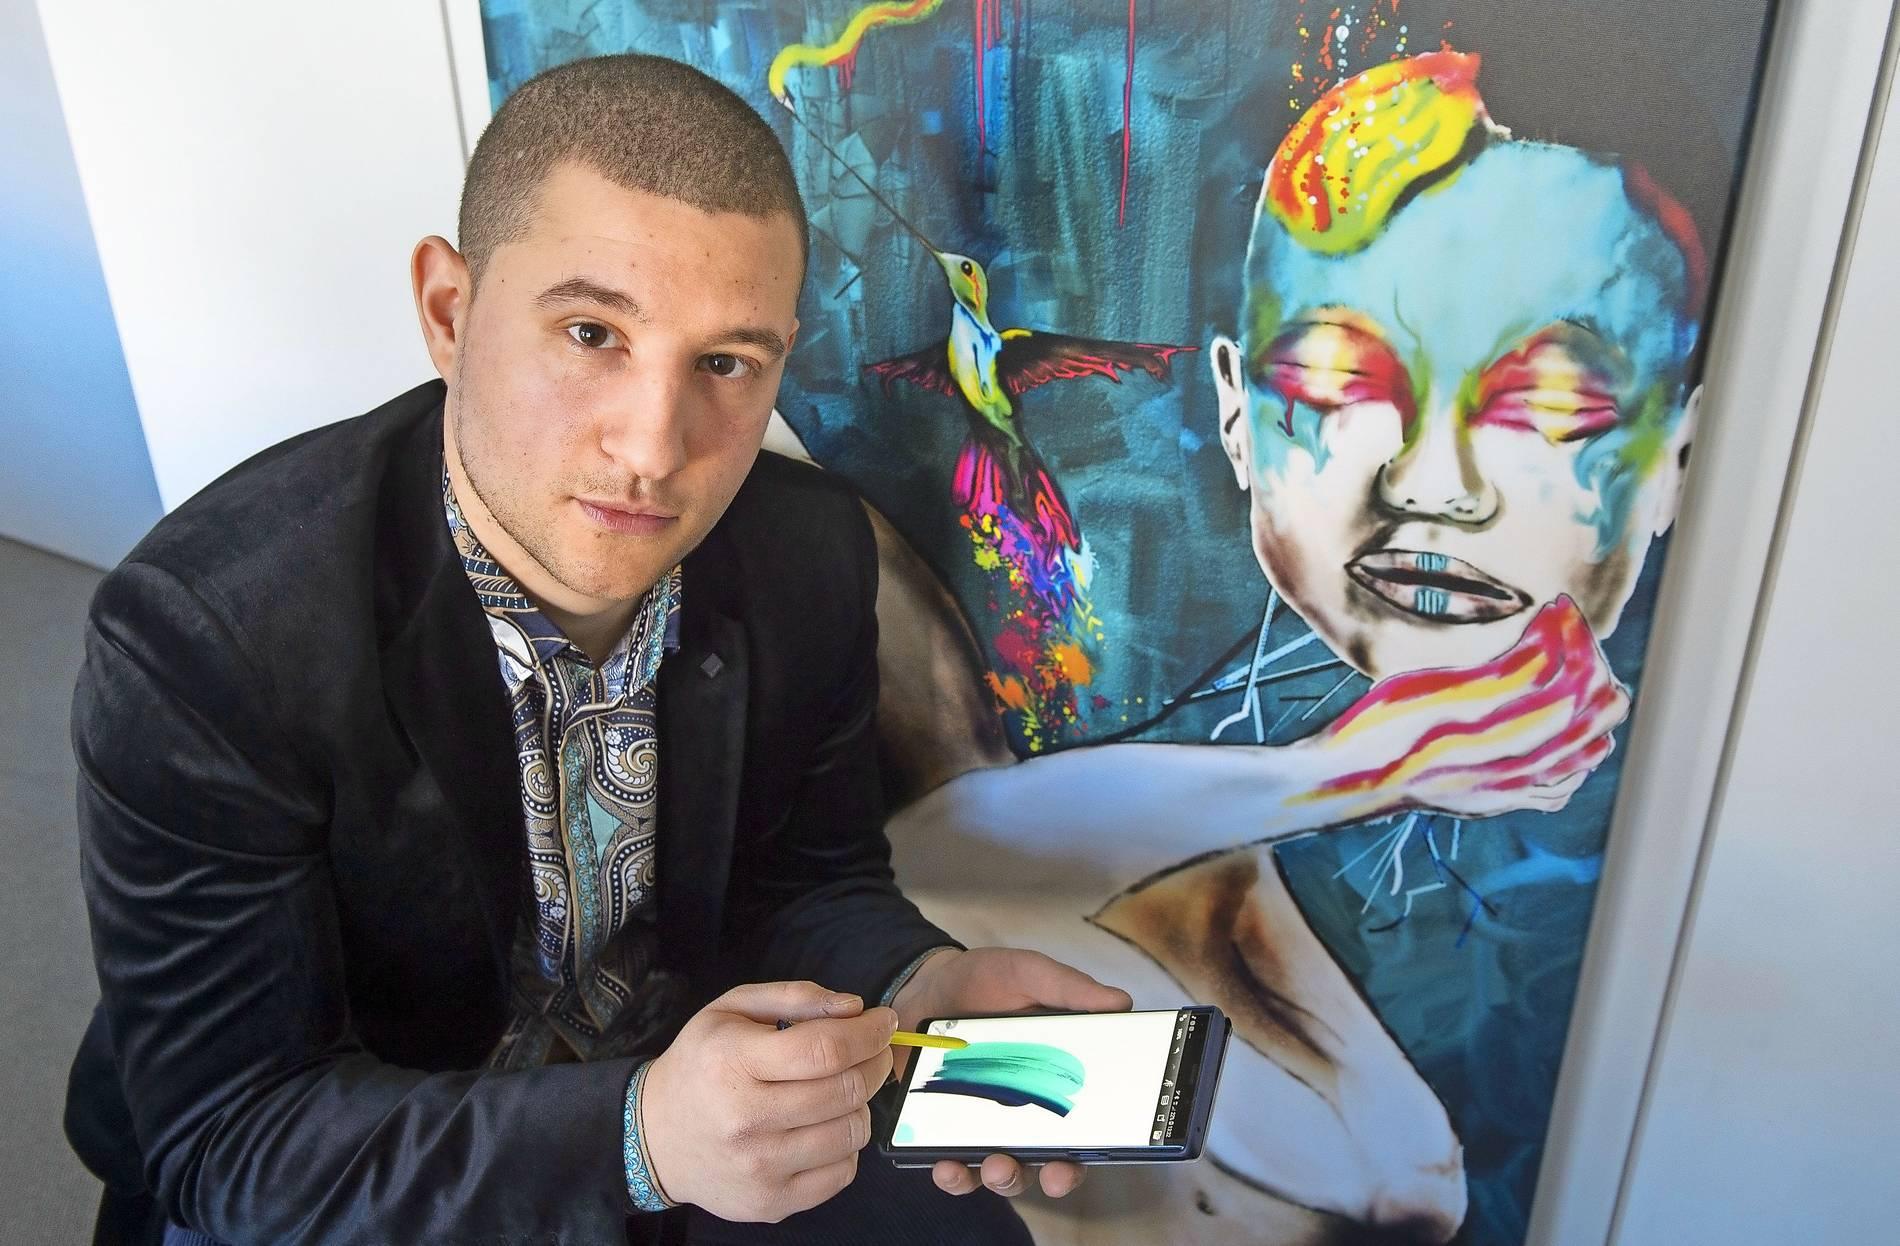 Künstler Rocco Indovina Aus Saarbrücken Malt Mit Seinem Smartphone